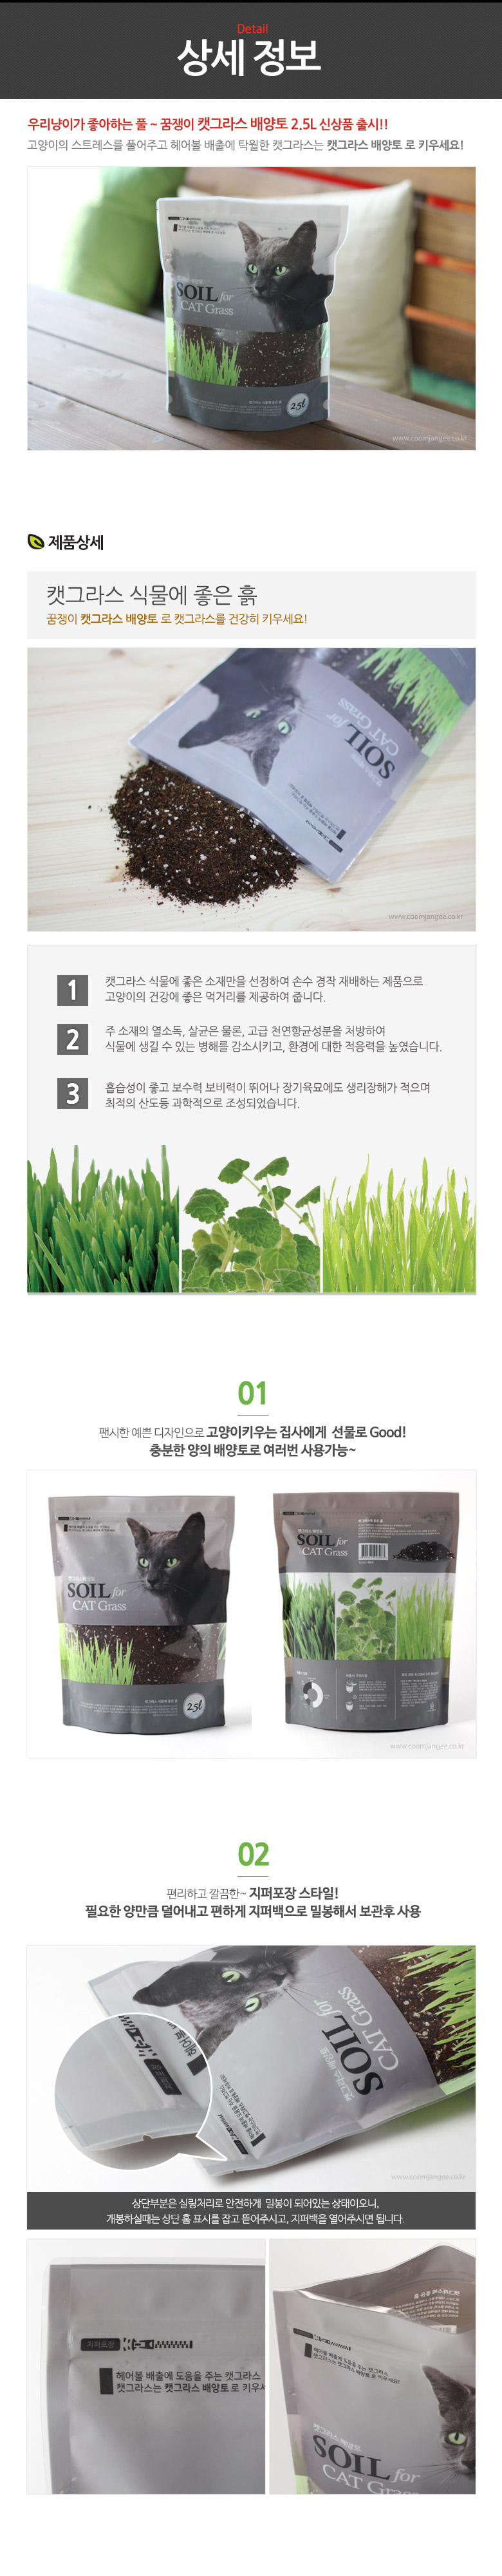 캣그라스 배양토 2.5L3,000원-꿈쟁이플라워캔펫샵, 고양이용품, 간식/캣닢, 캣닢바보사랑캣그라스 배양토 2.5L3,000원-꿈쟁이플라워캔펫샵, 고양이용품, 간식/캣닢, 캣닢바보사랑